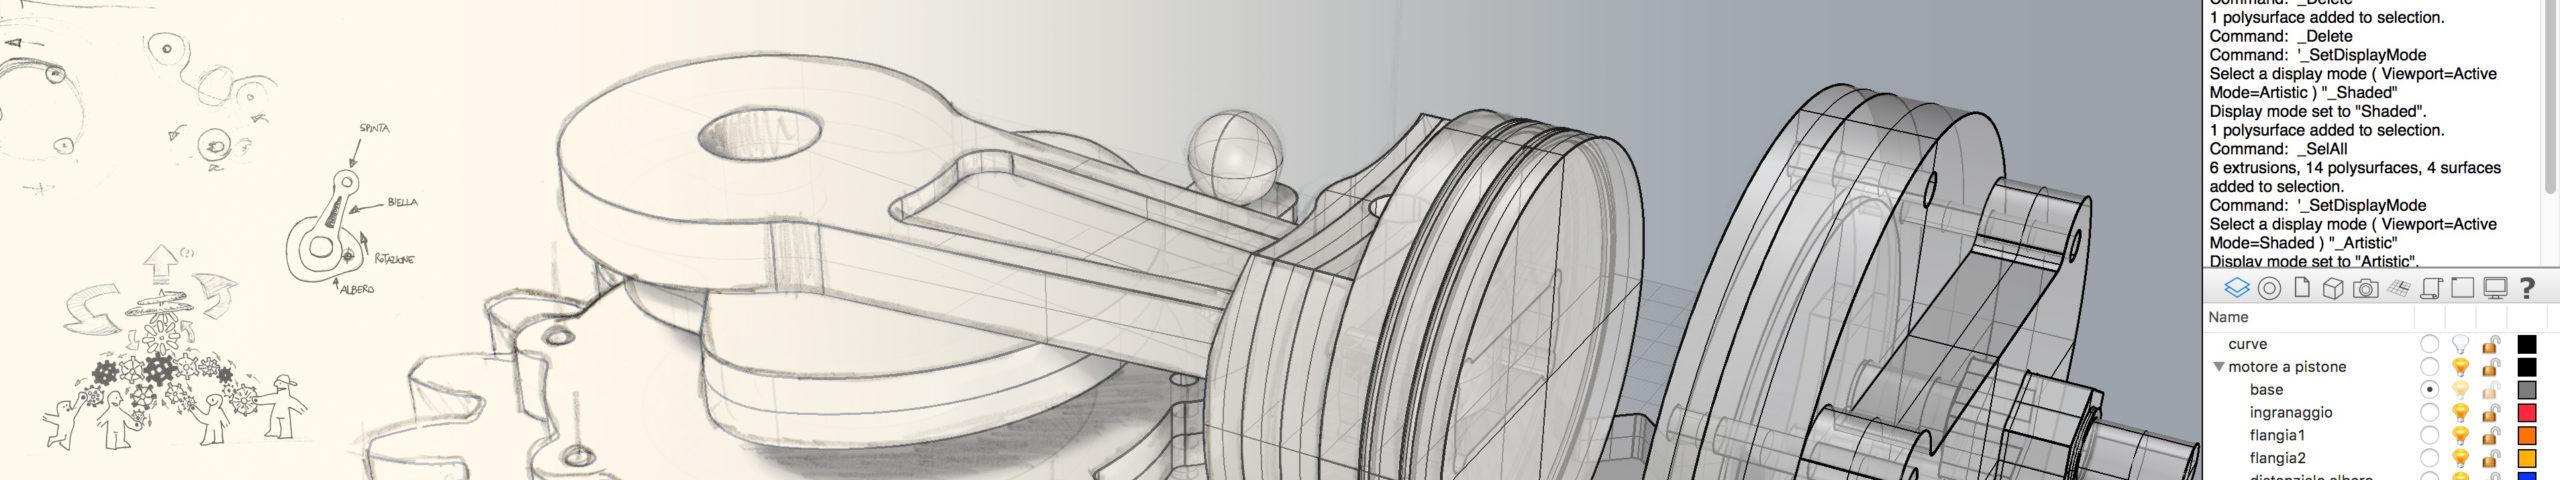 Cad Sketch Progettazione l'ingegno di Miocugino al servizio di tutti